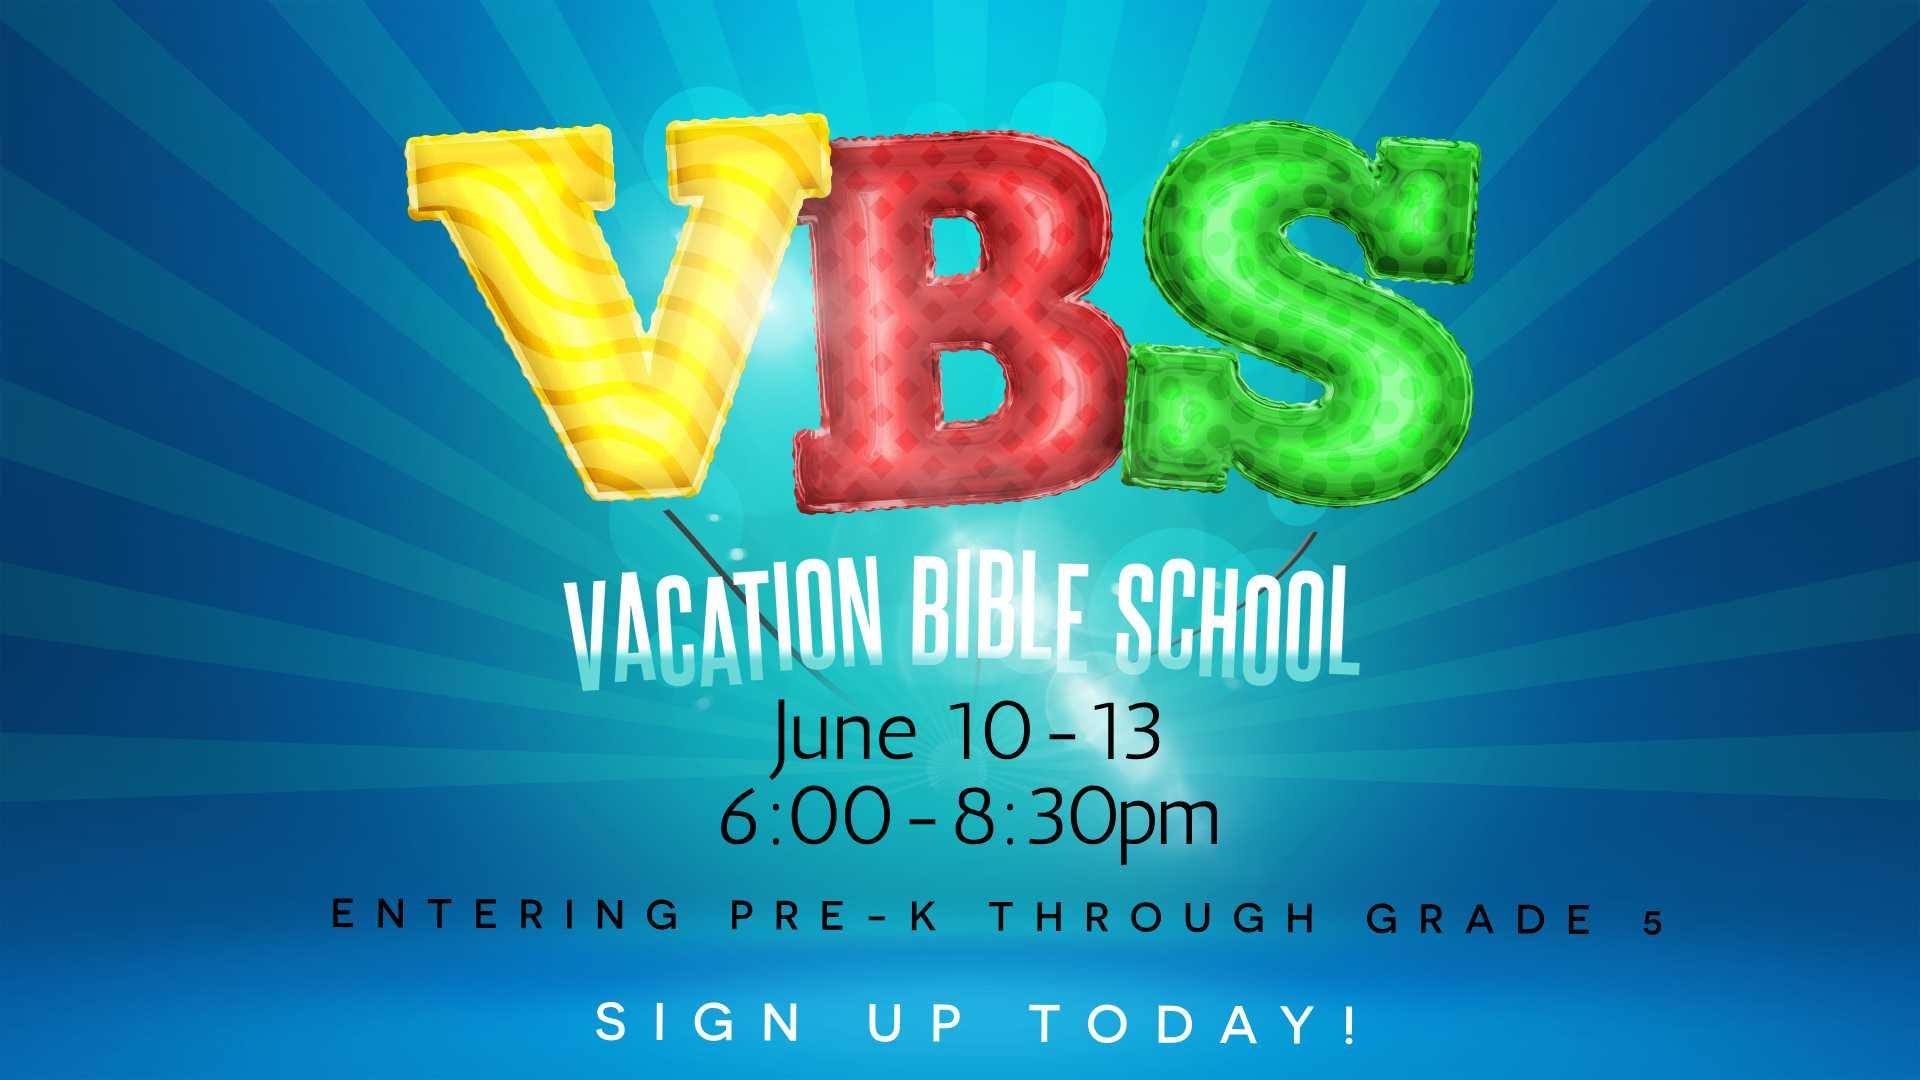 VBS 2019 Flyer.jpg